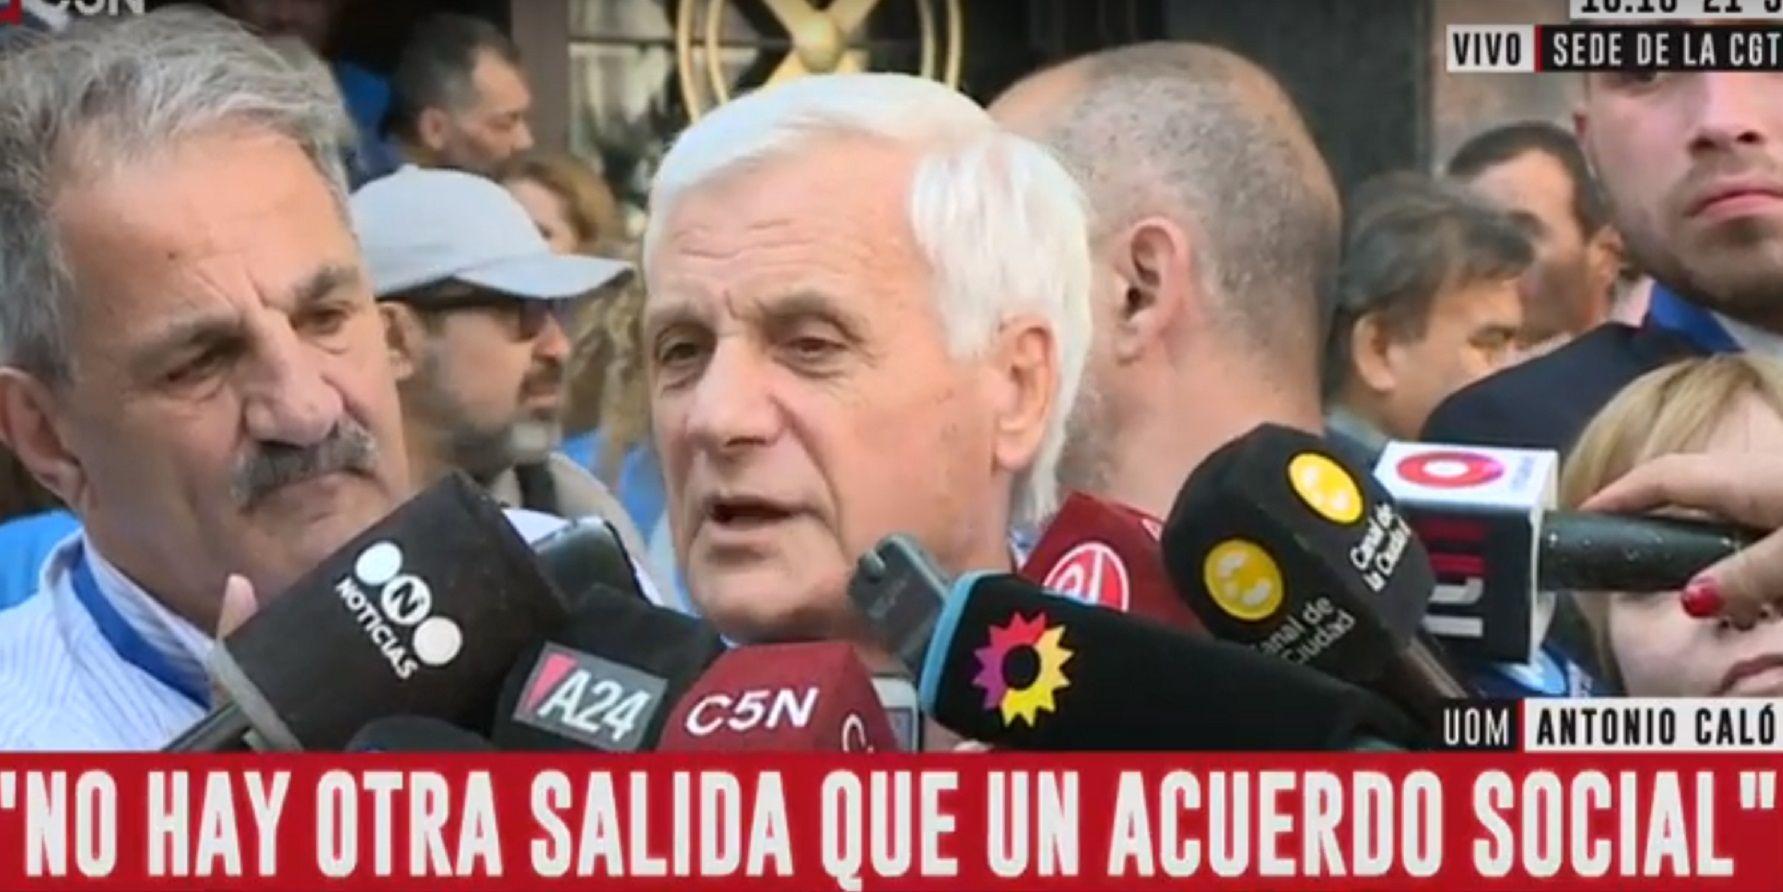 Antonio Caló y la voluntad de la CGT de trabajar con el presidente electo: Alberto nos puede sacar de la crisis